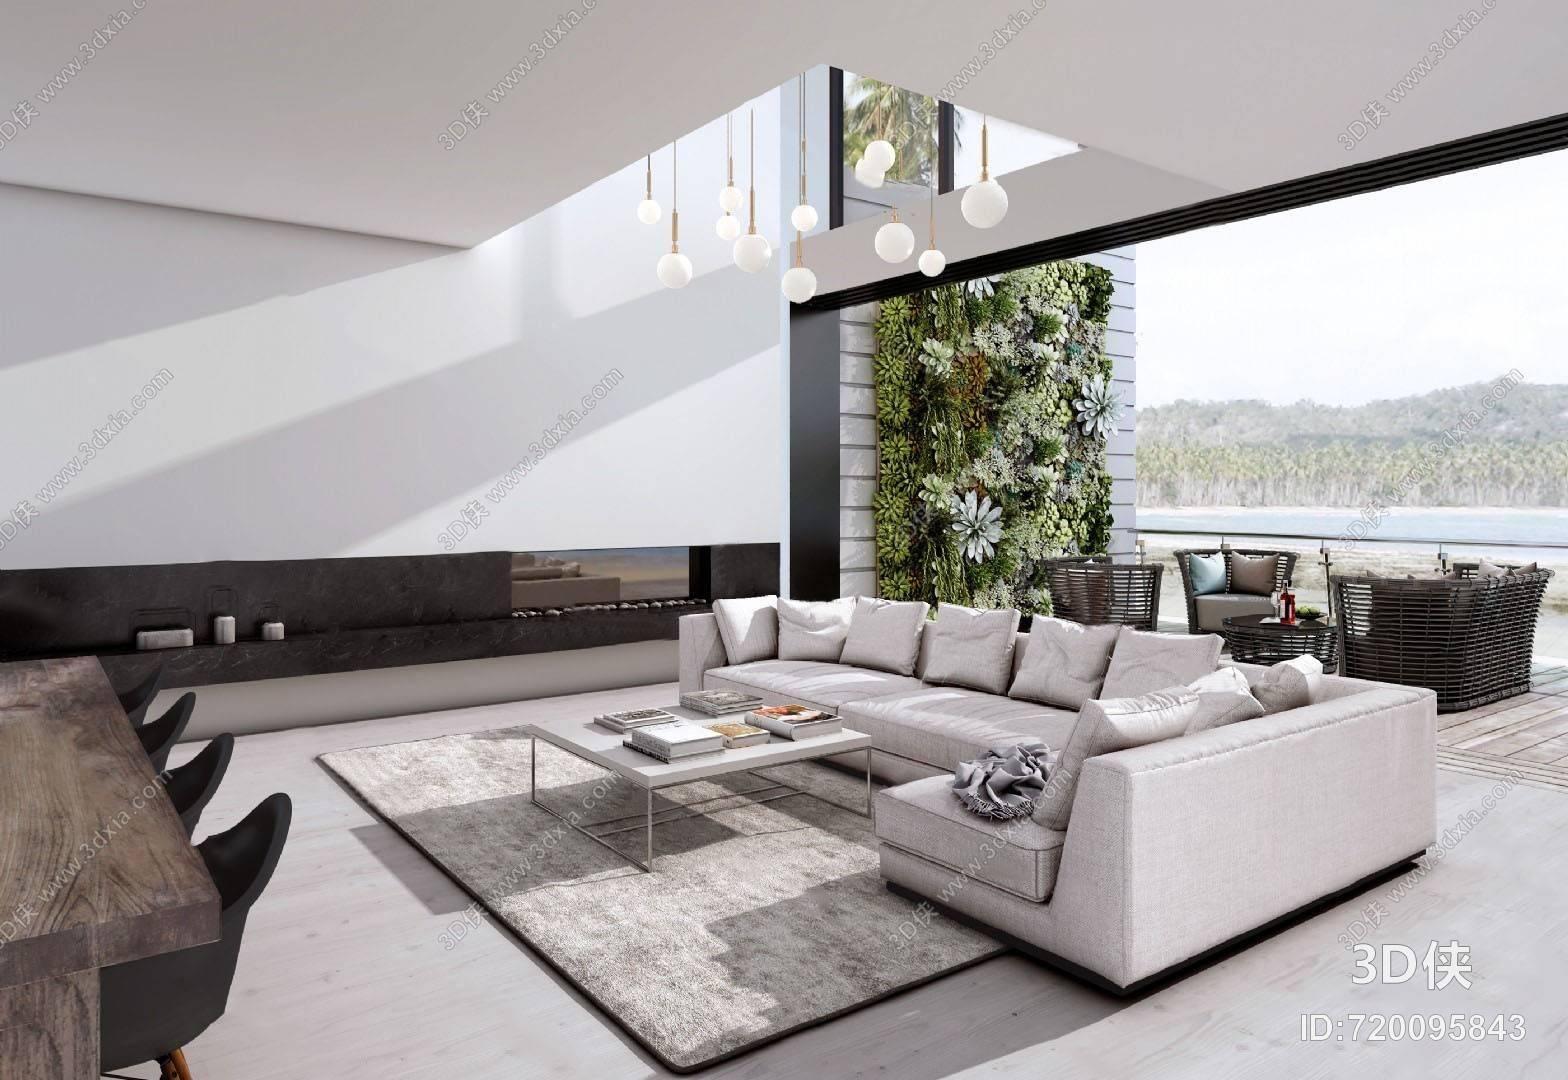 现代客厅3D模型 沙发组合 茶几 餐桌椅组合